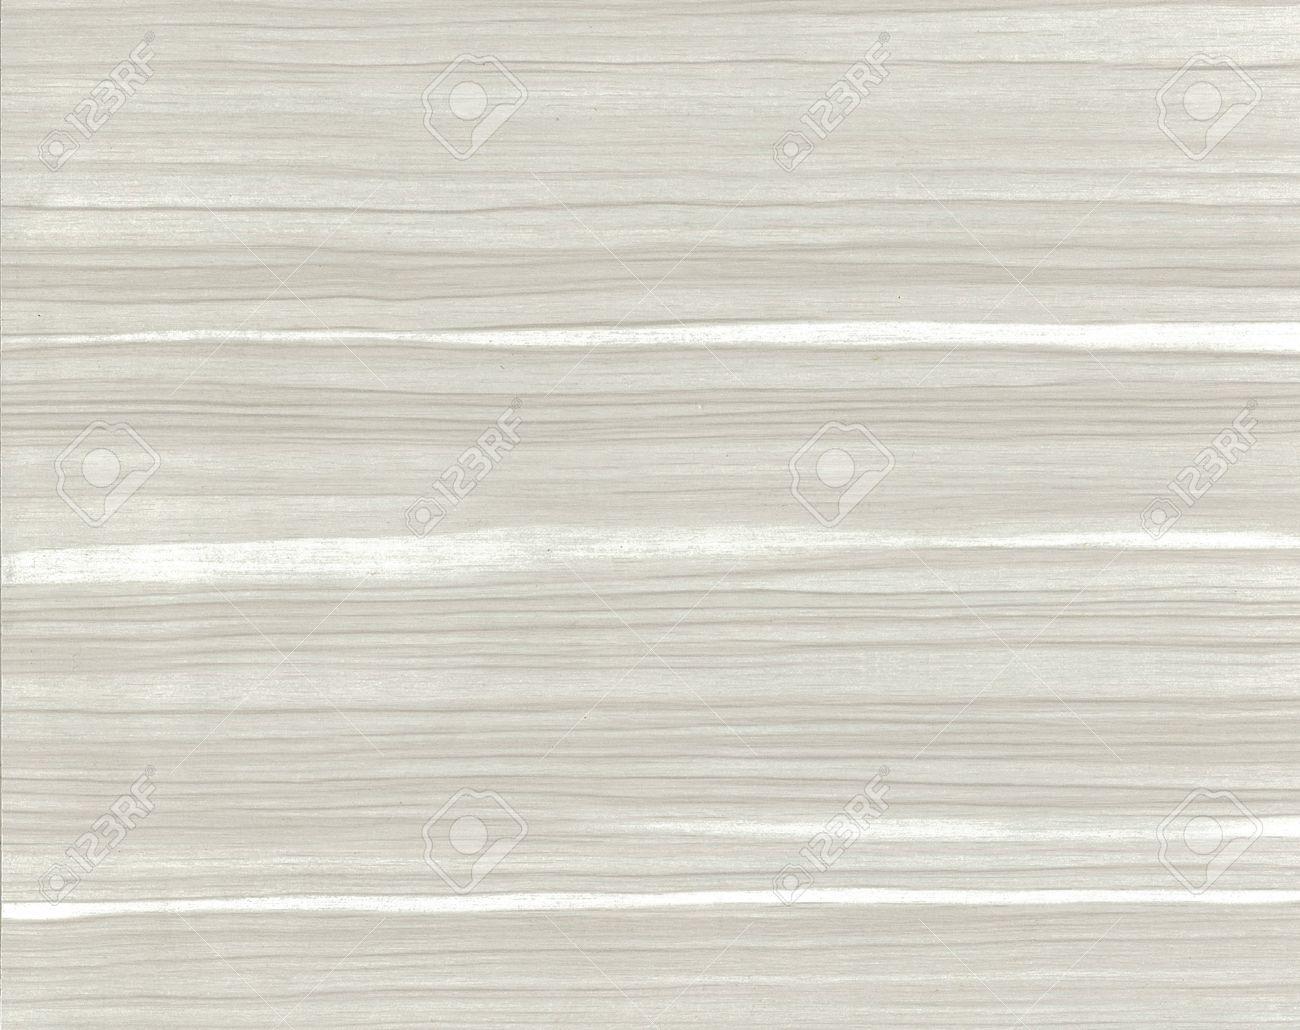 Helles Holz Textur Sperrholzplatten Auf Der Materialoberfläche